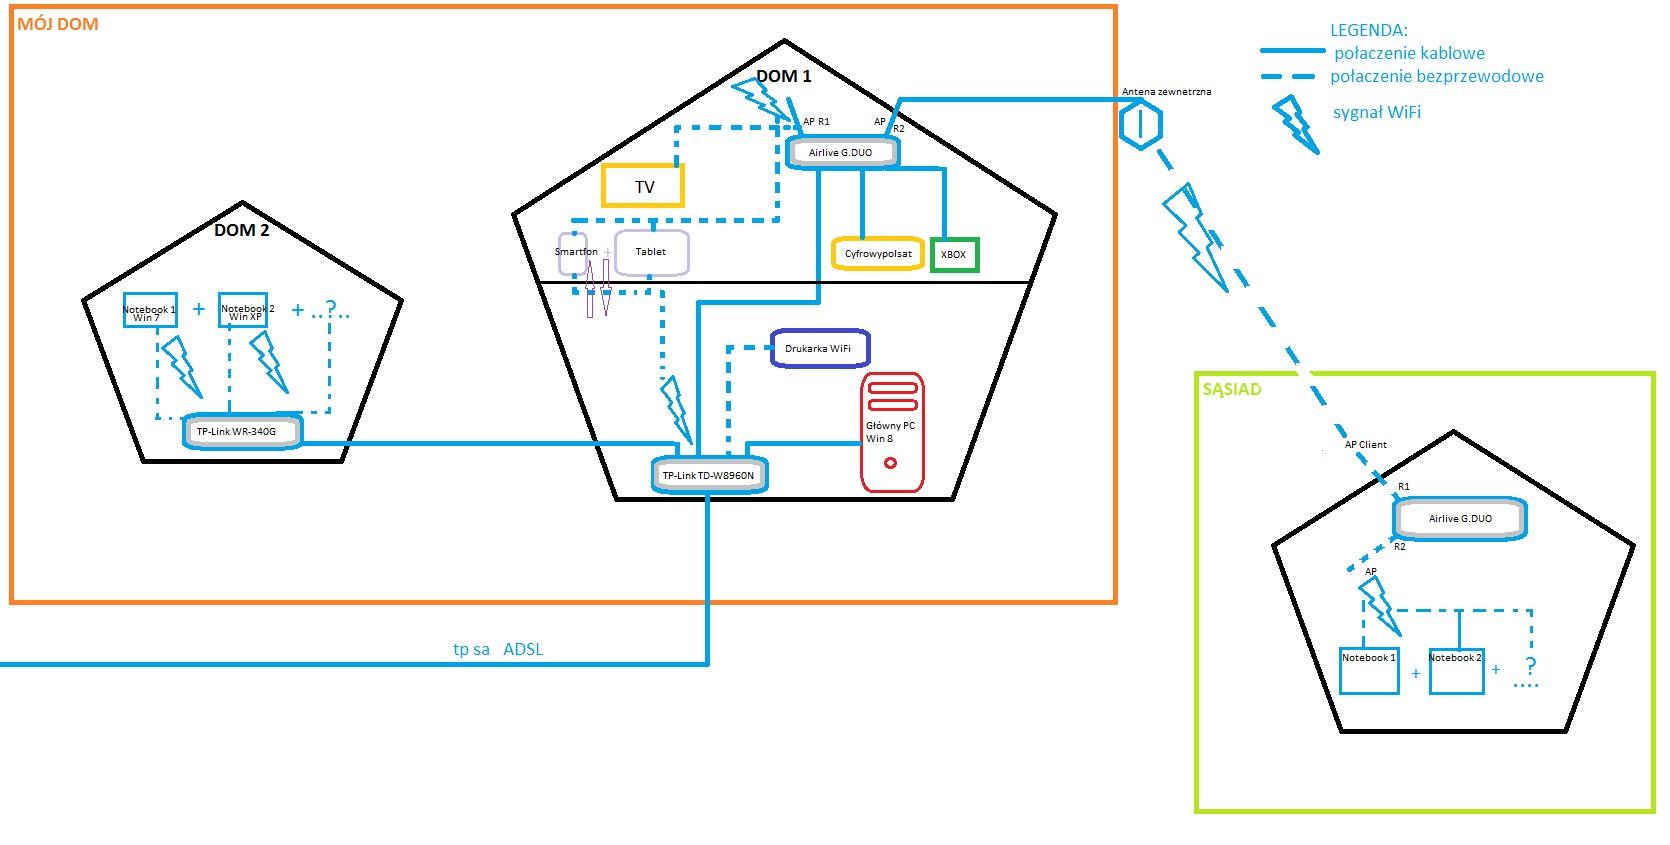 TP-link, G.DUO - Konfiguracja sieci domowej, porz�dkowanie